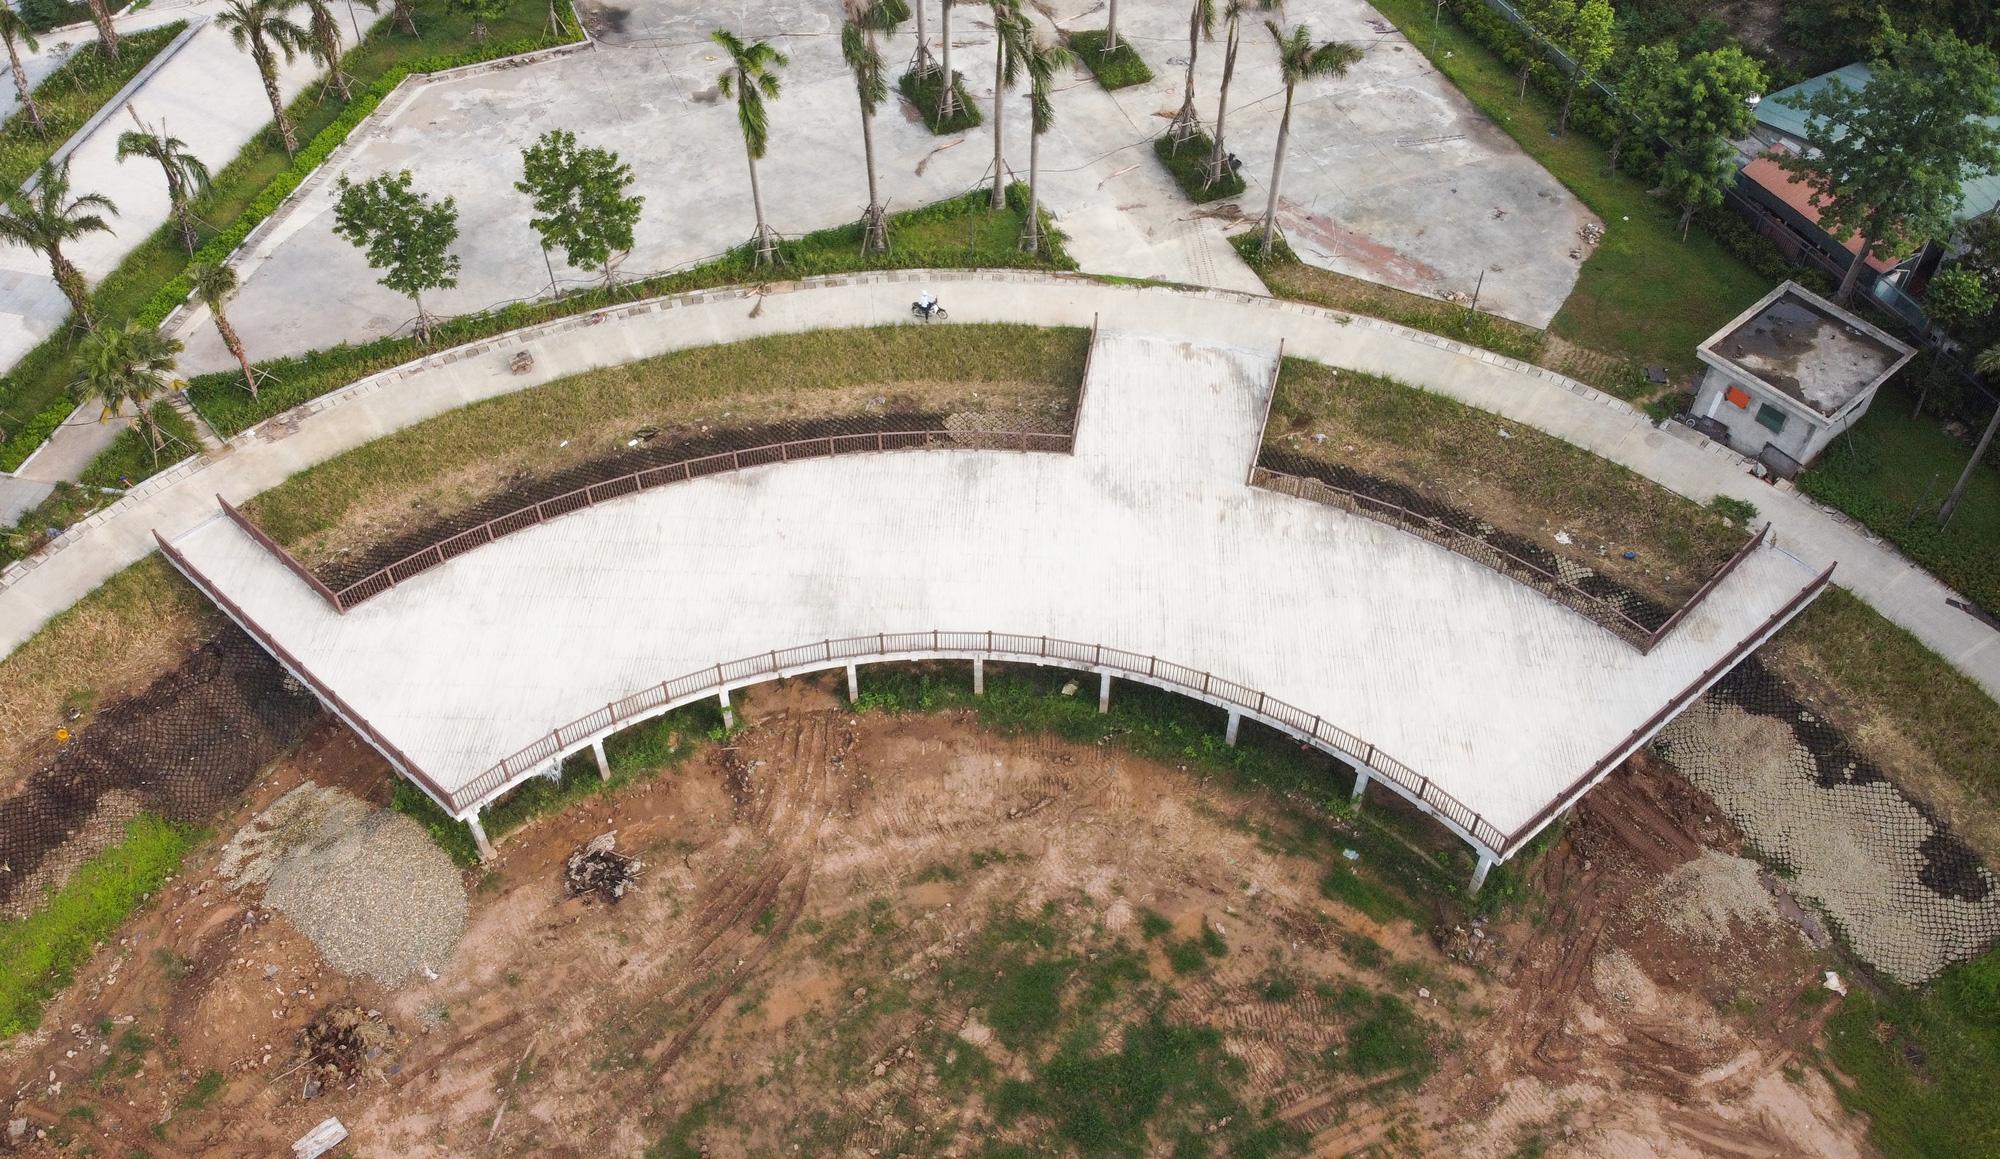 Công viên điều hòa Phùng Khoang nằm im sau 4 năm động thổ - Ảnh 10.